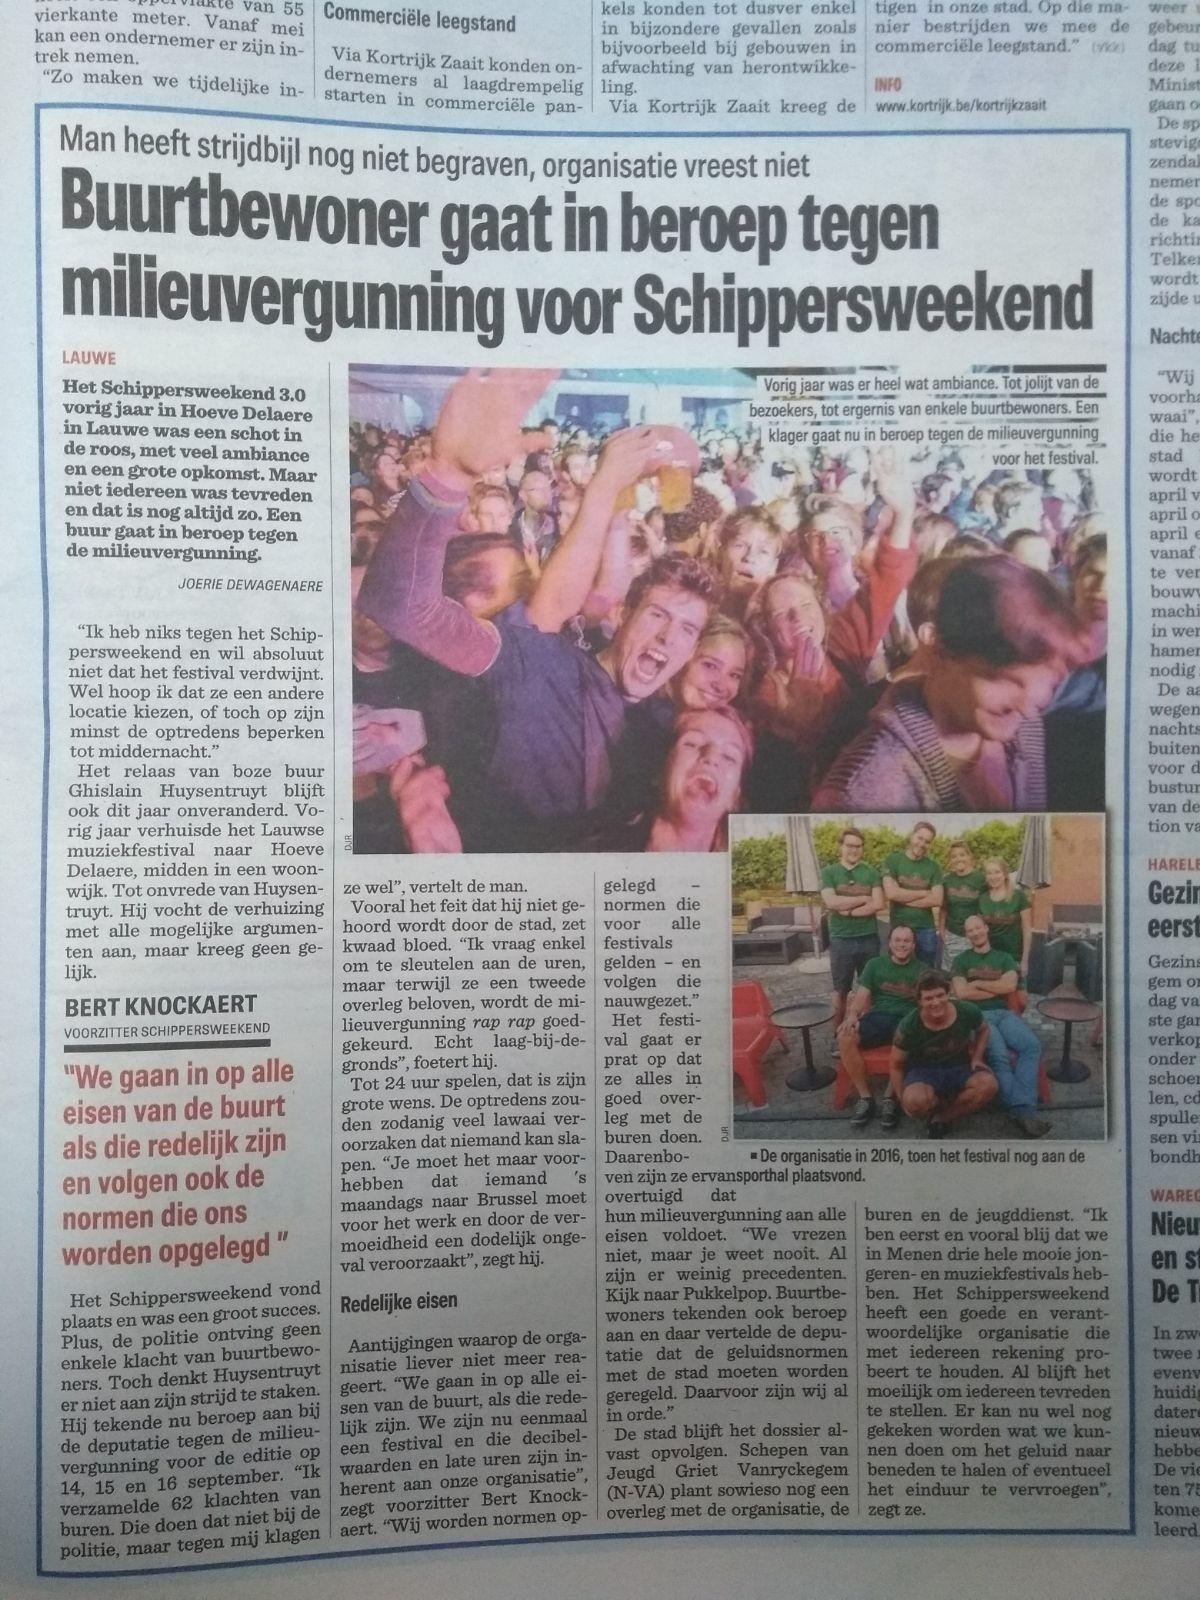 SW34 - Nieuwsblad